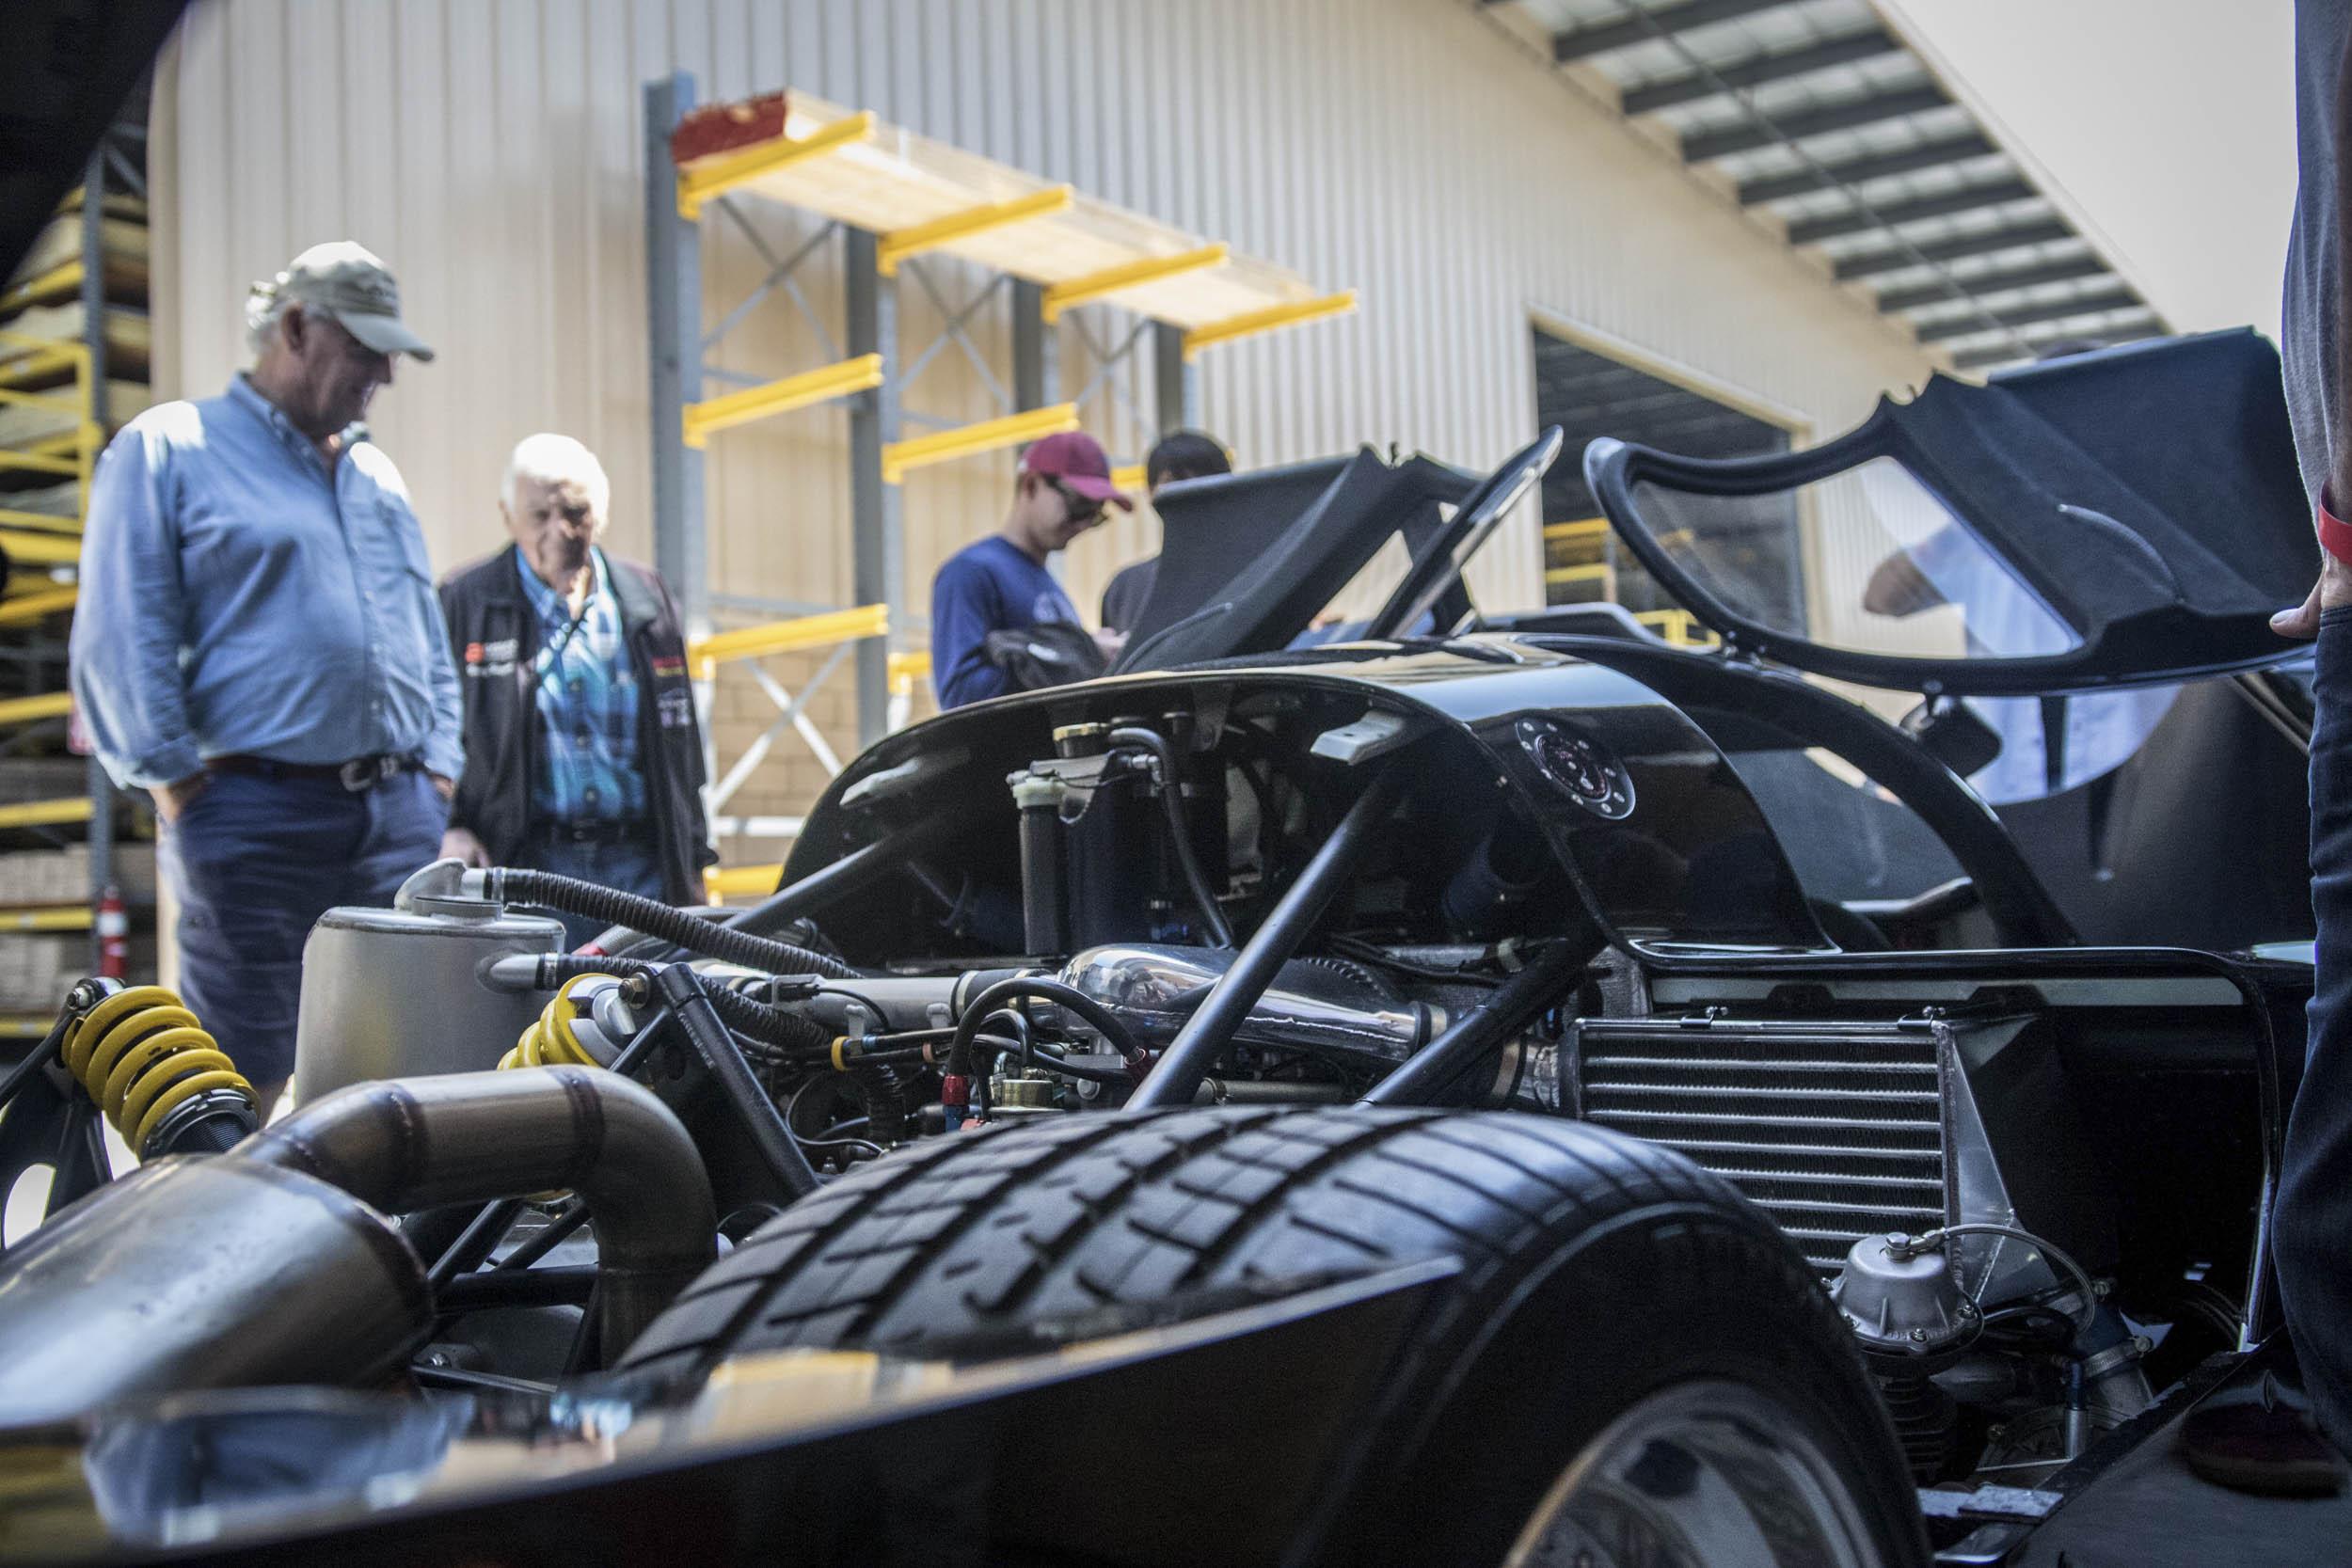 Porsche engine detail